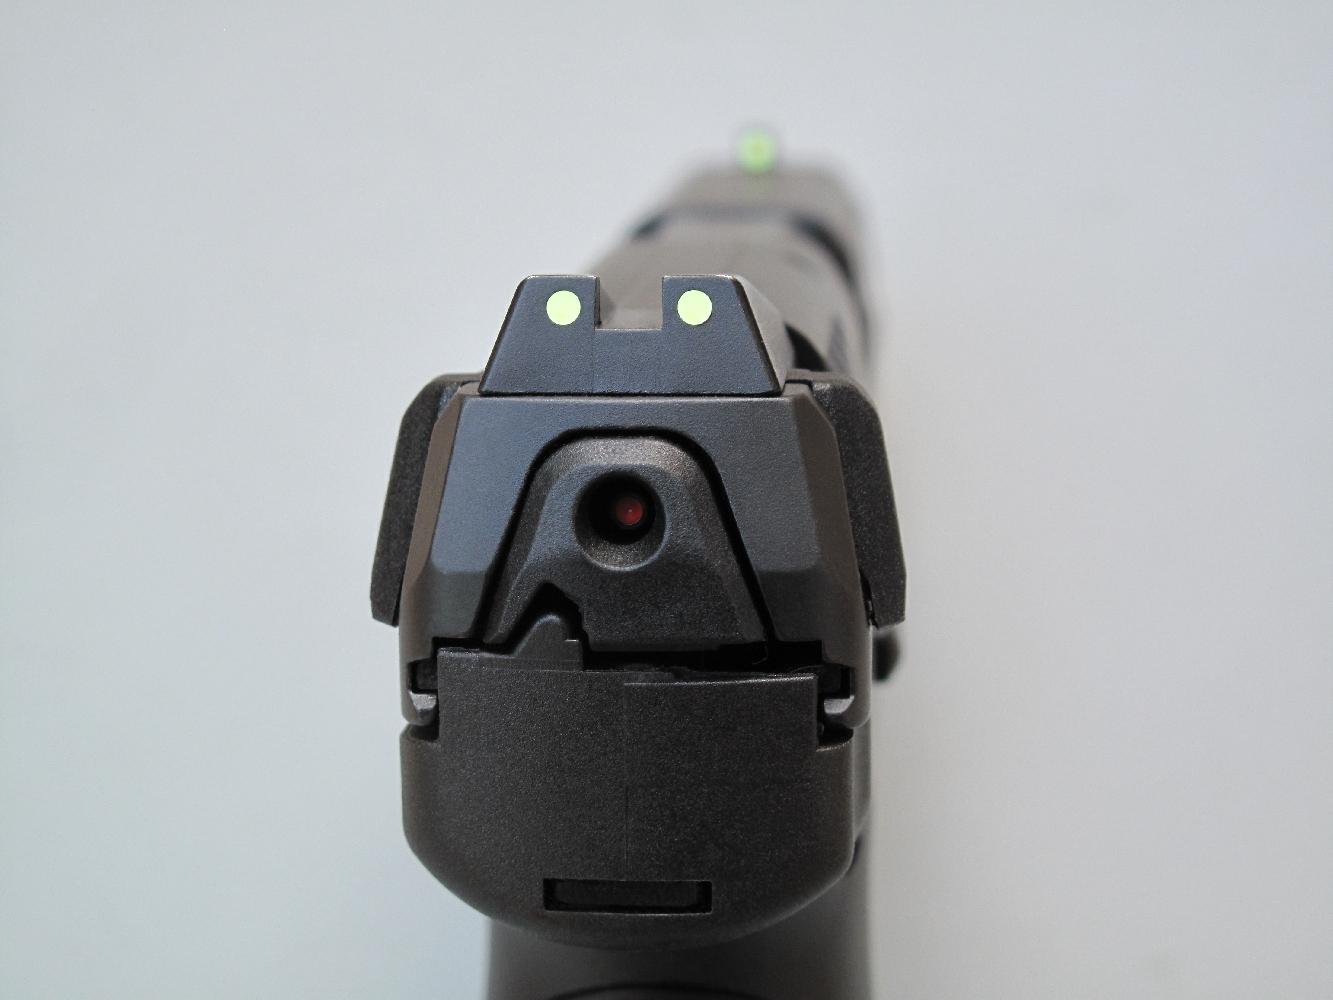 La hausse et le guidon, tous deux installés à queue d'aronde, bénéficient d'une aide à la visée par alignement de trois points luminescents qui restent visibles dans l'obscurité.